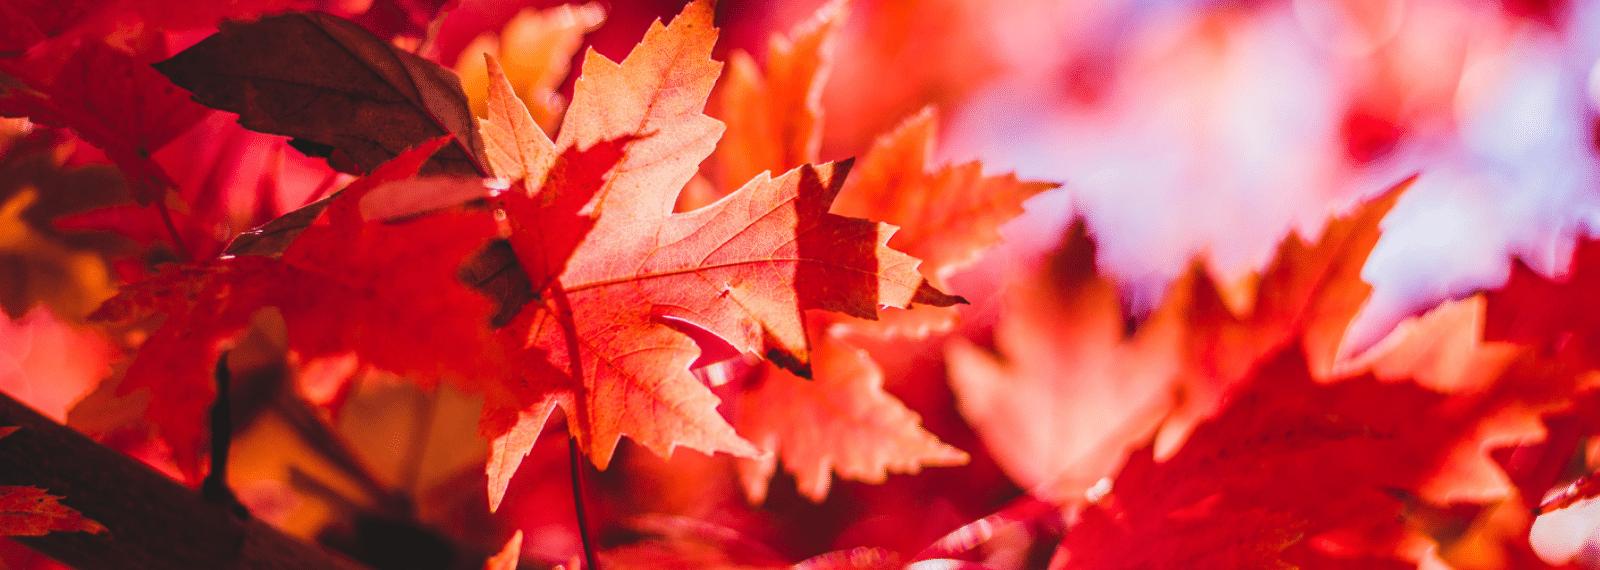 Feiertagsspecial Herbstblätter